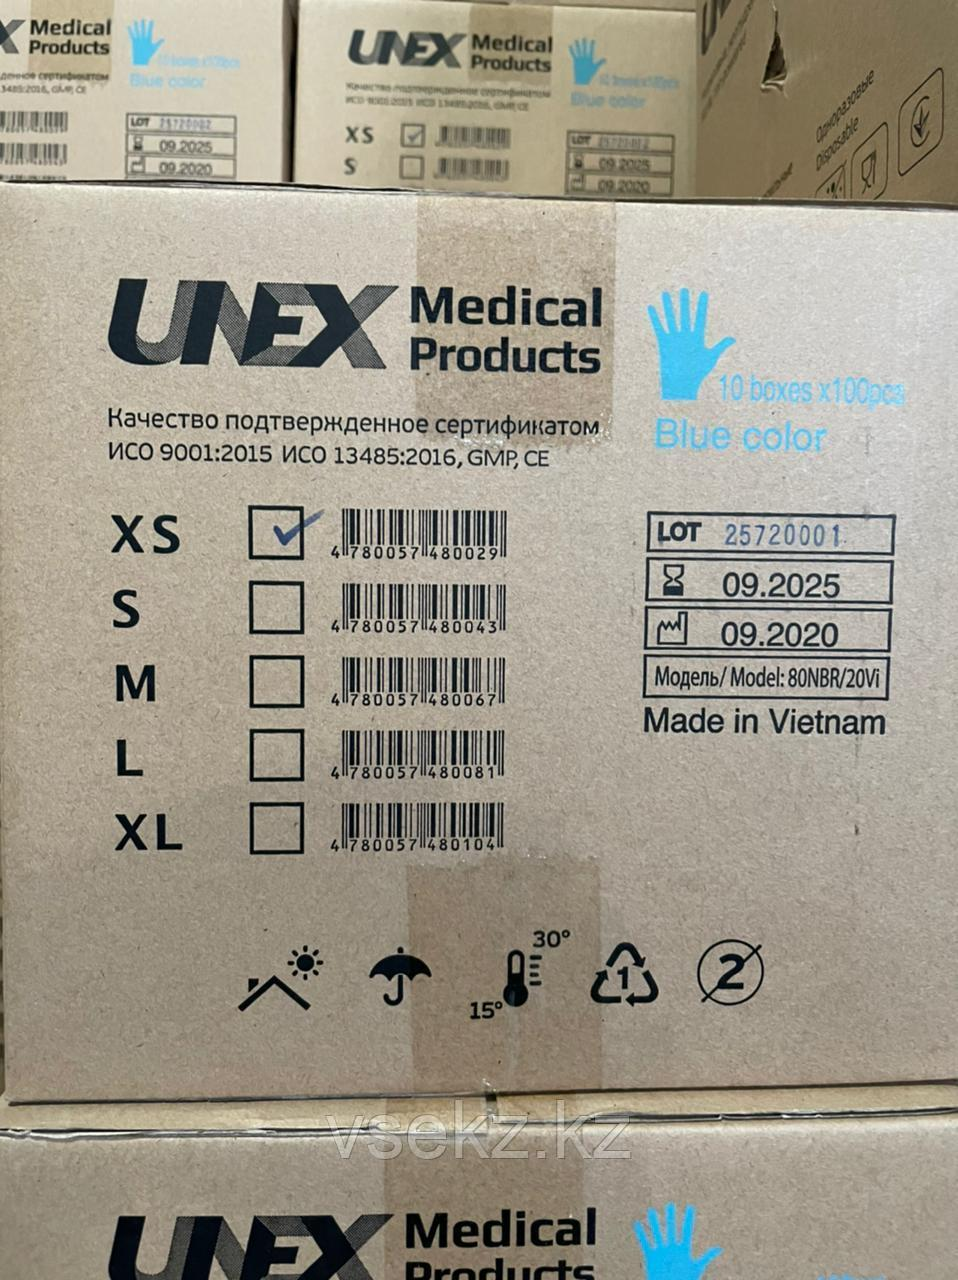 Перчатки Нитрилловые Виниловые Латексные медицинские M L S размеры Перчатки всех цветов - фото 5